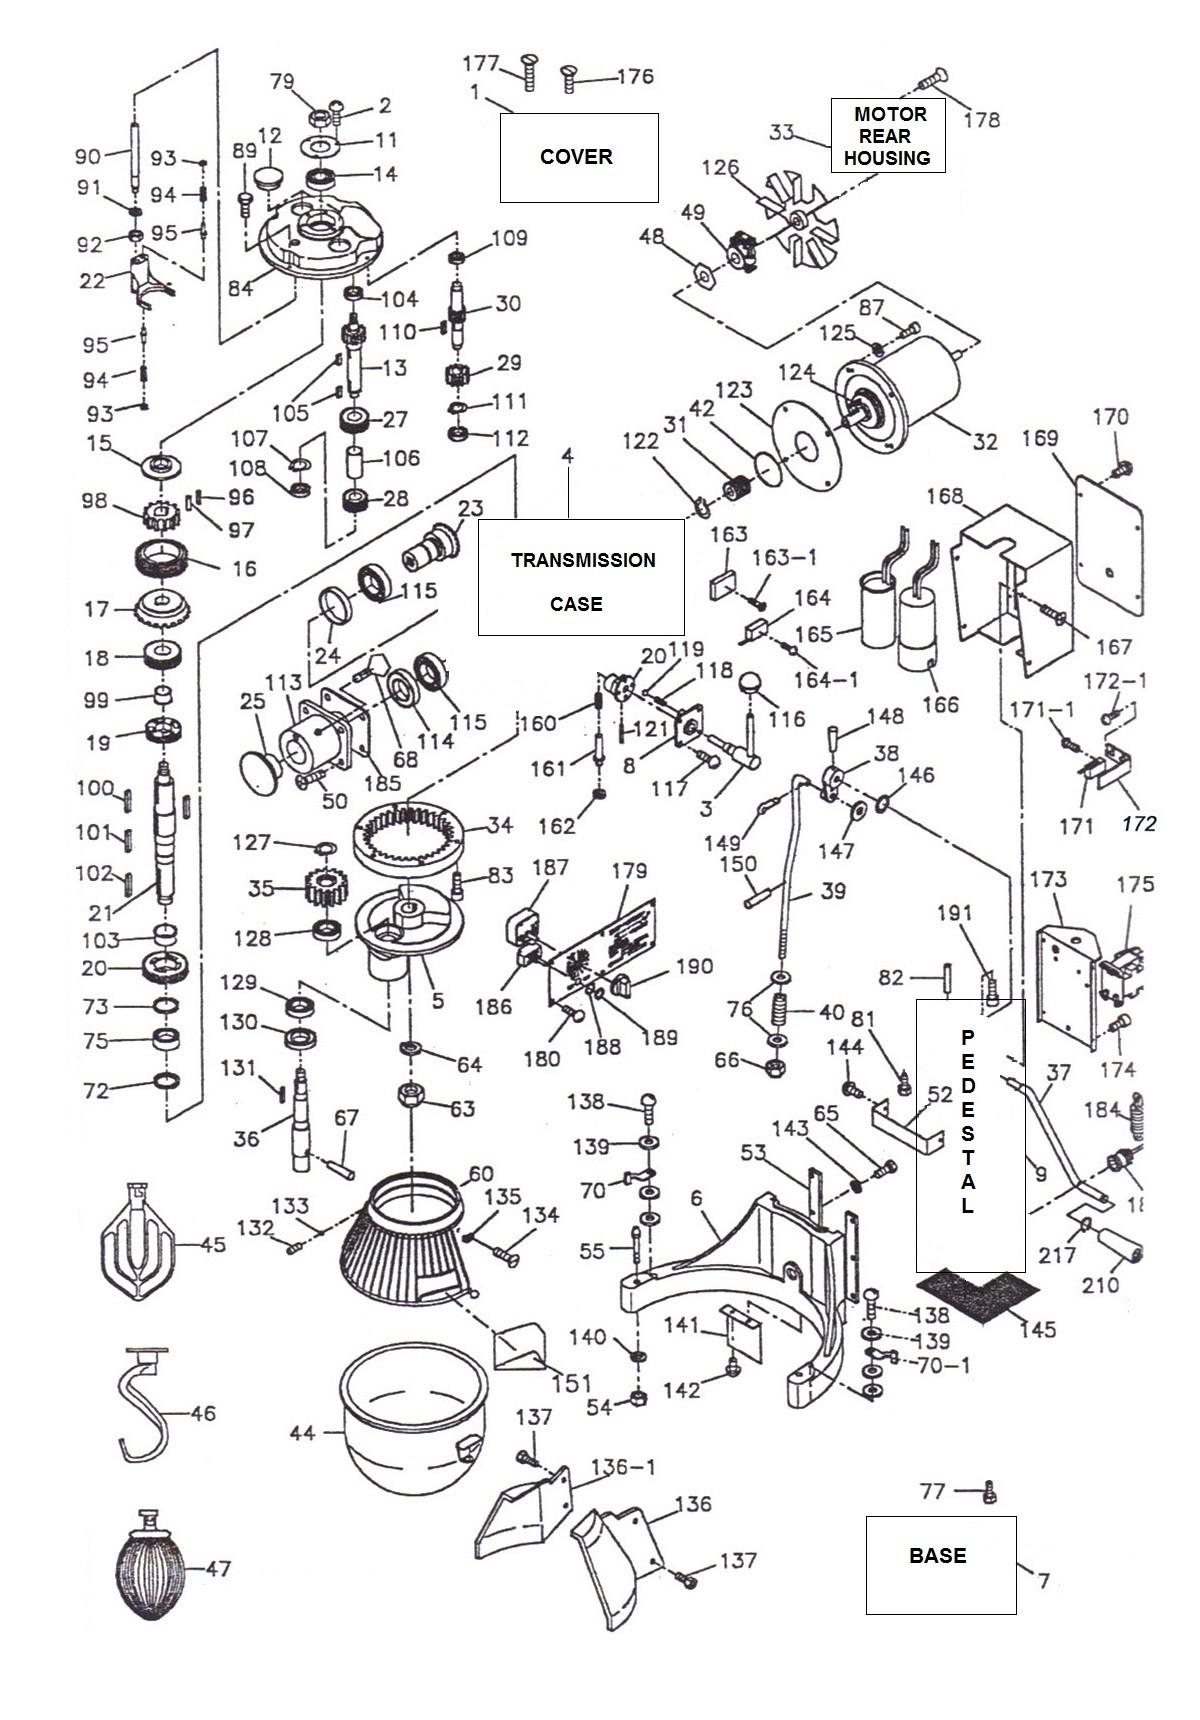 hobart mixer motor wiring diagram wiring libraryhobart mixer motor wiring diagram